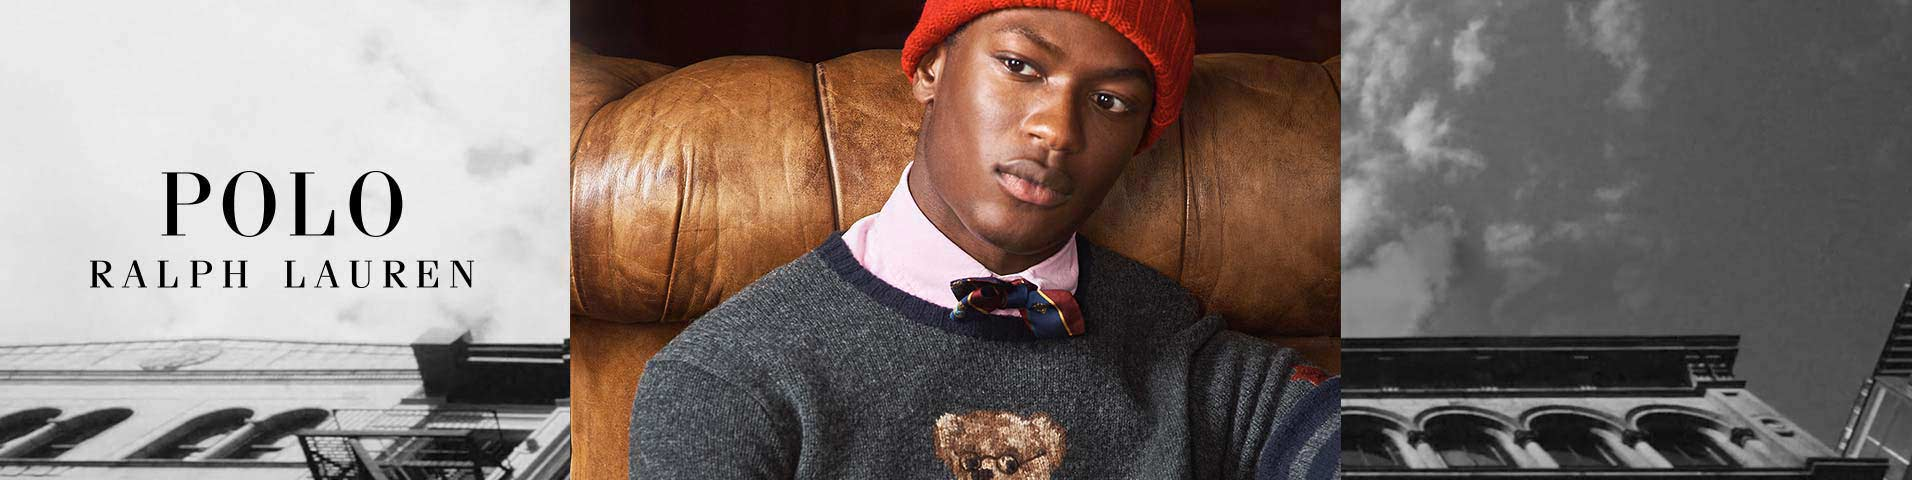 Vêtements homme en promo Polo Ralph Lauren   Tous les articles chez ... 6d3f19e1b233